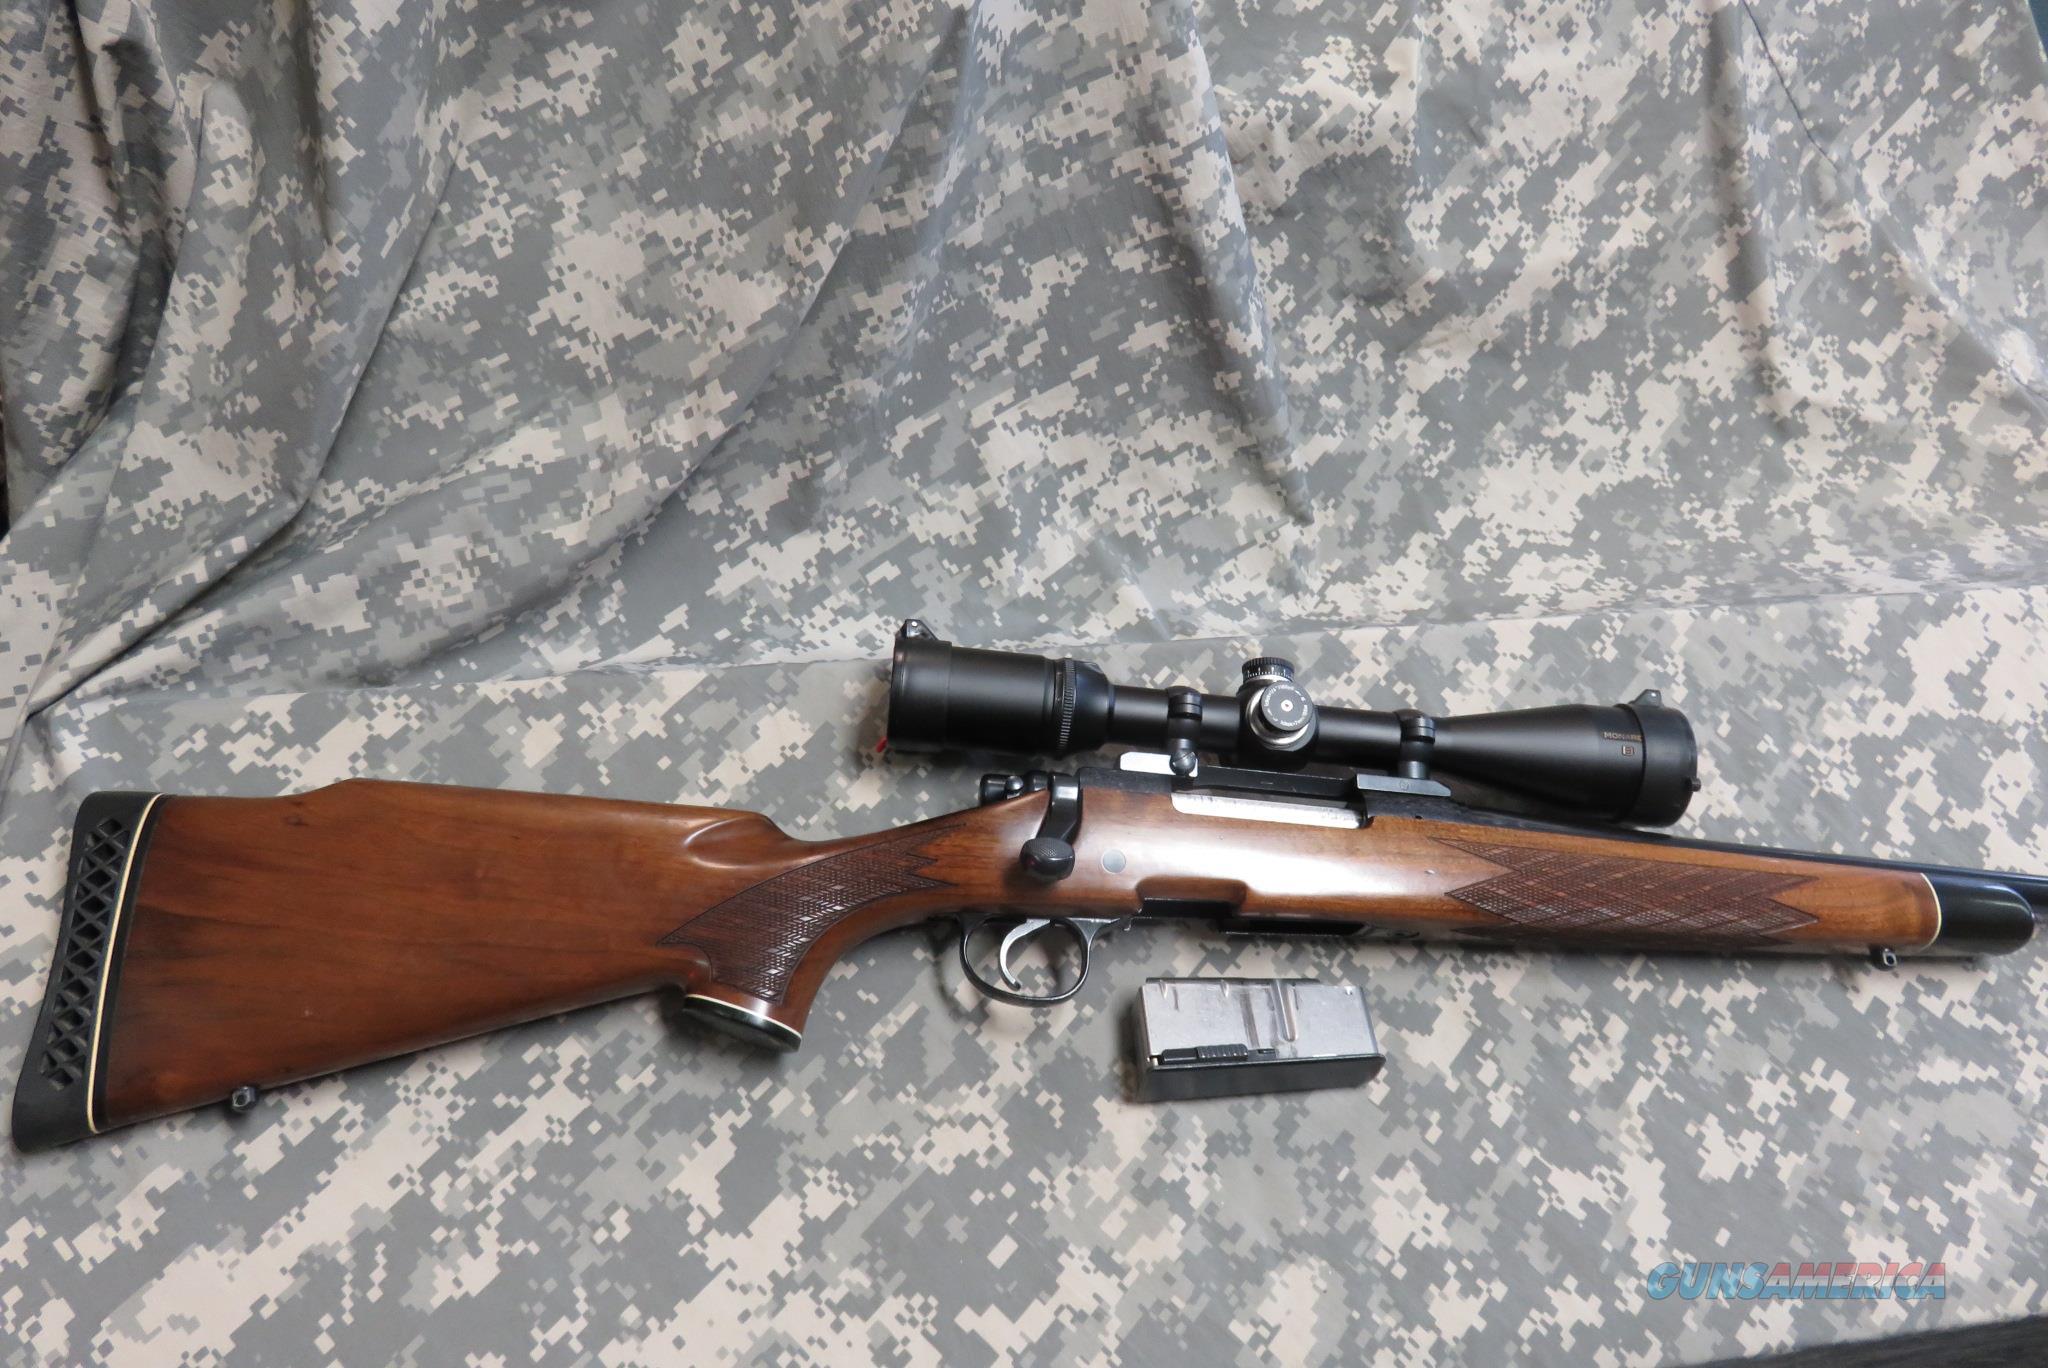 **SALE**REMINGTON 700 BDL-DM 270 W/NIKON SCOPE **SEE DESCRIPTION**  Guns > Rifles > Remington Rifles - Modern > Model 700 > Sporting